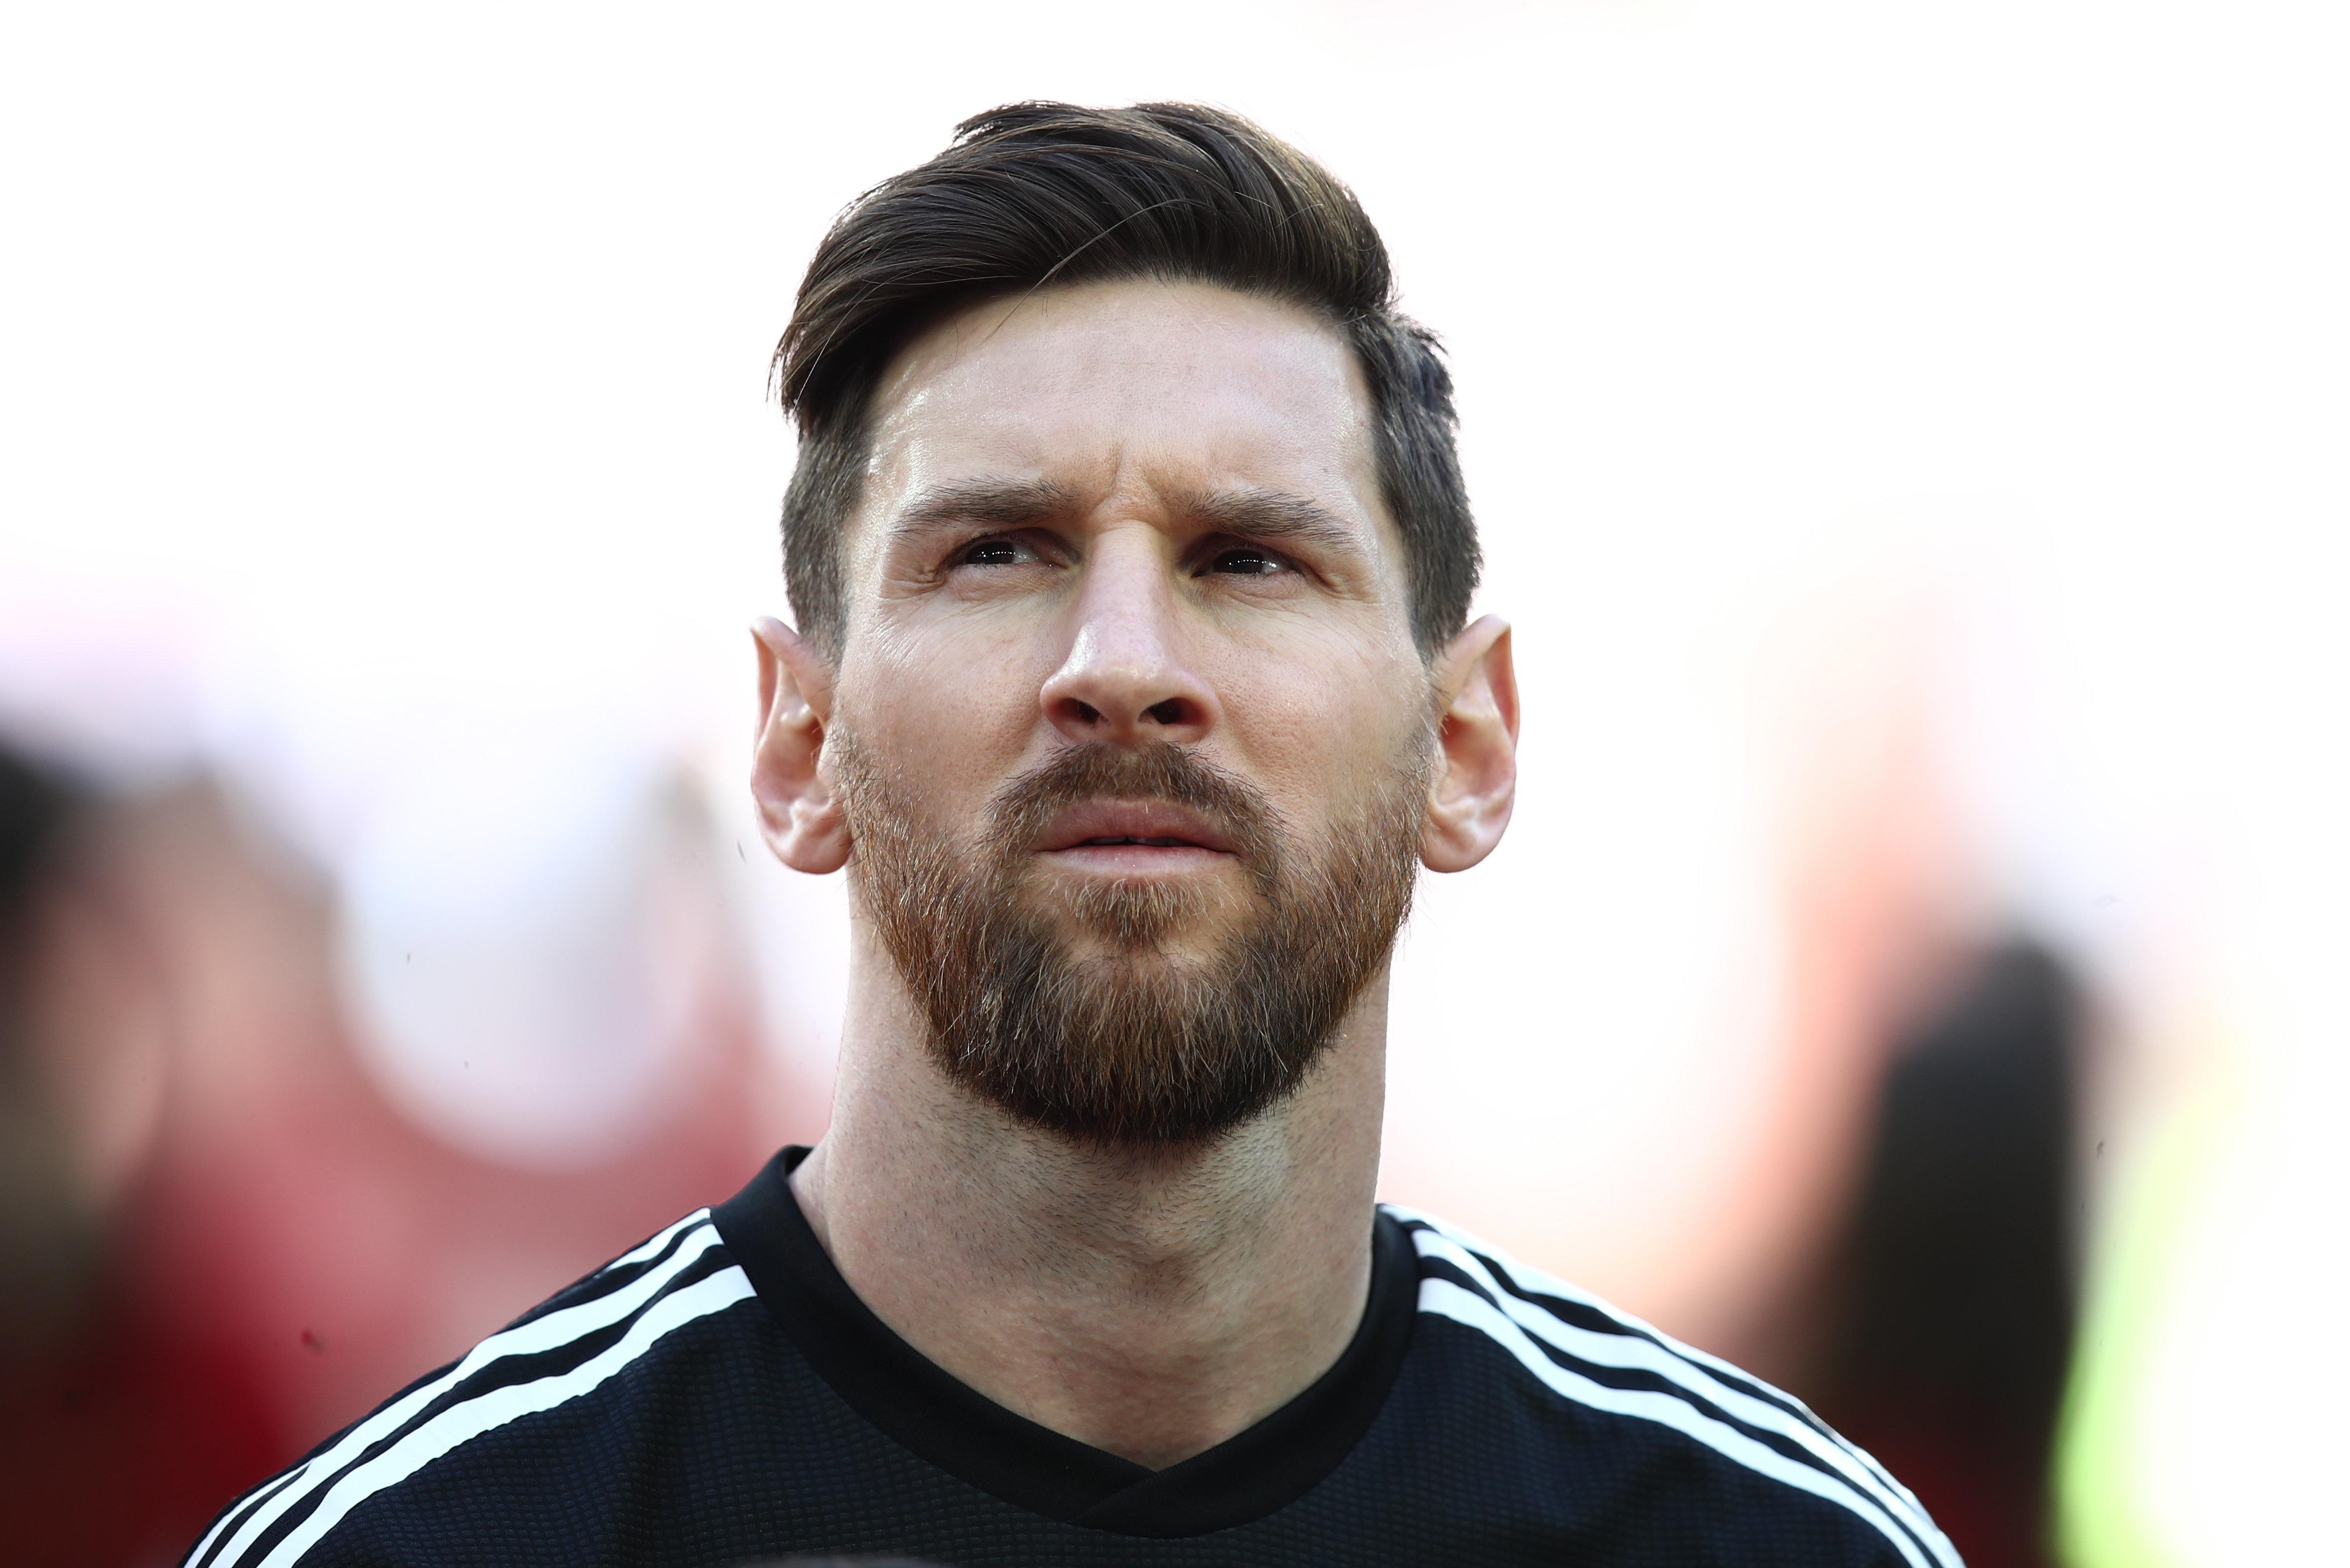 Mann lässt sich nach 14 Jahren von seiner Frau scheiden, weil sie Lionel Messi hasst